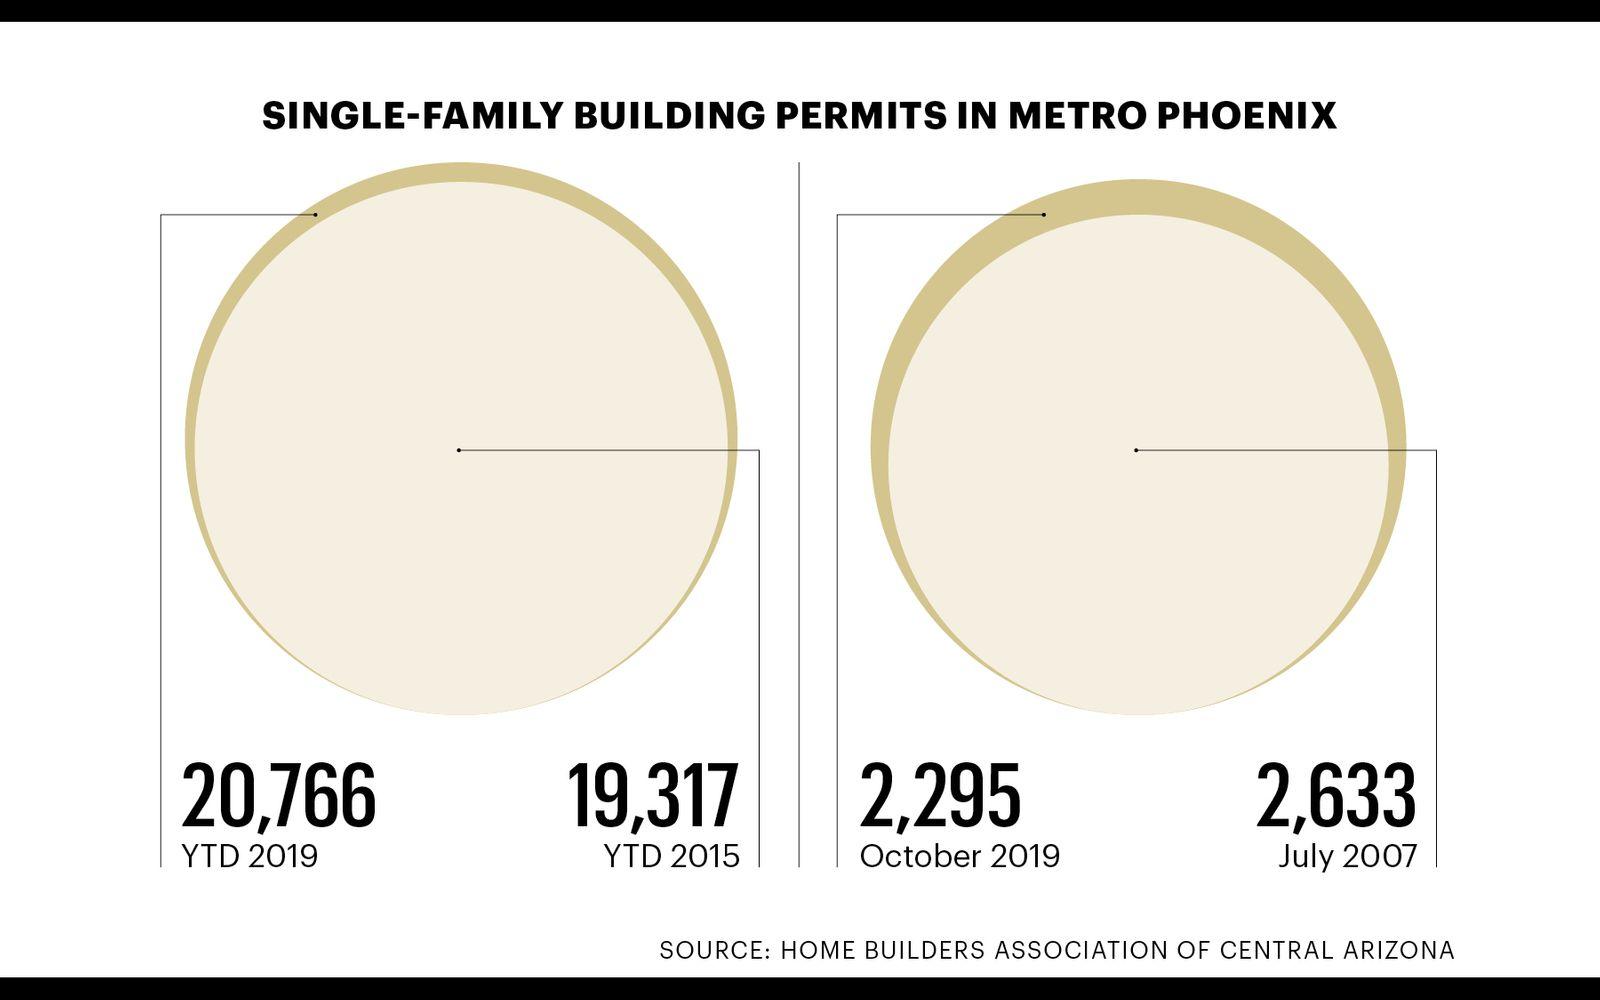 Single-Family Building Permits in Metro Phoenix